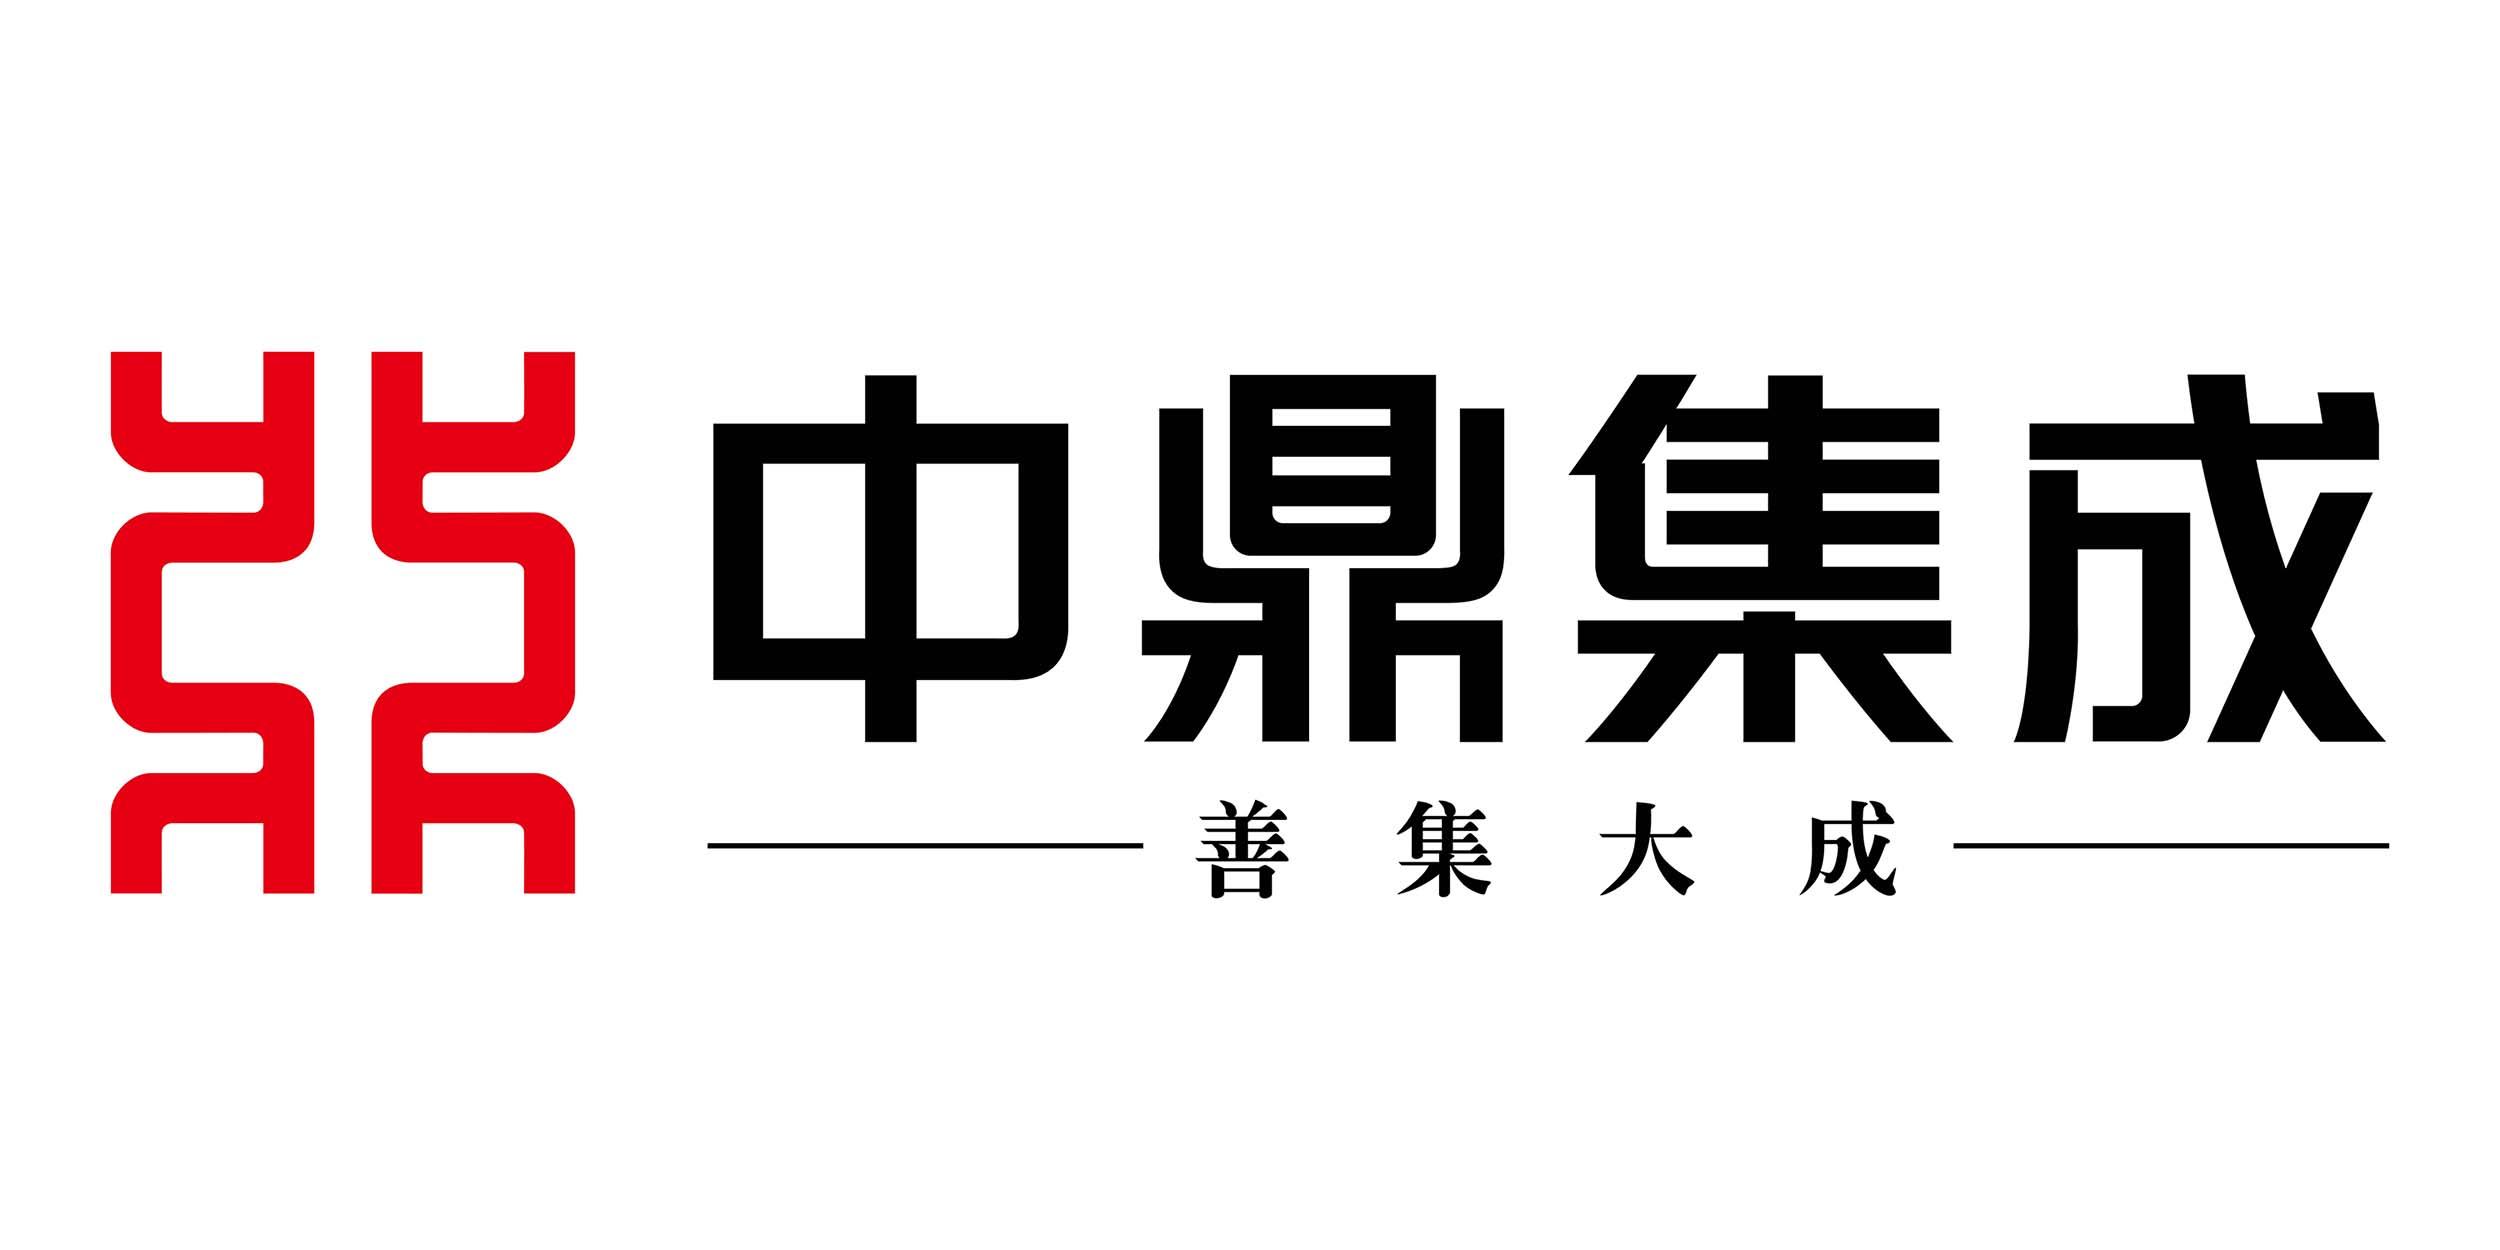 無錫中鼎集成技術有限公司